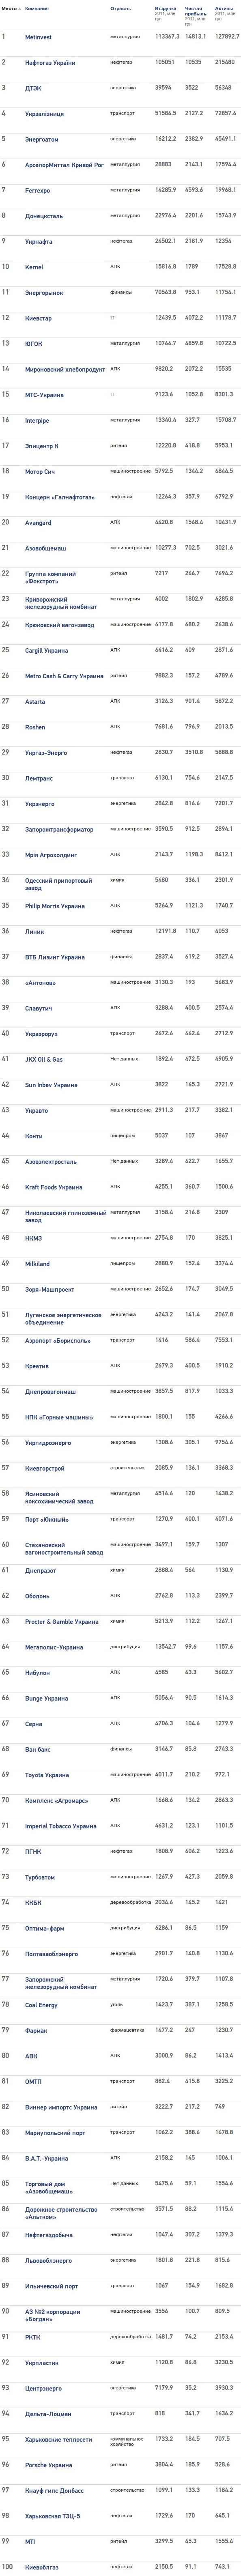 Топ-100 крупнейших компаний Украины